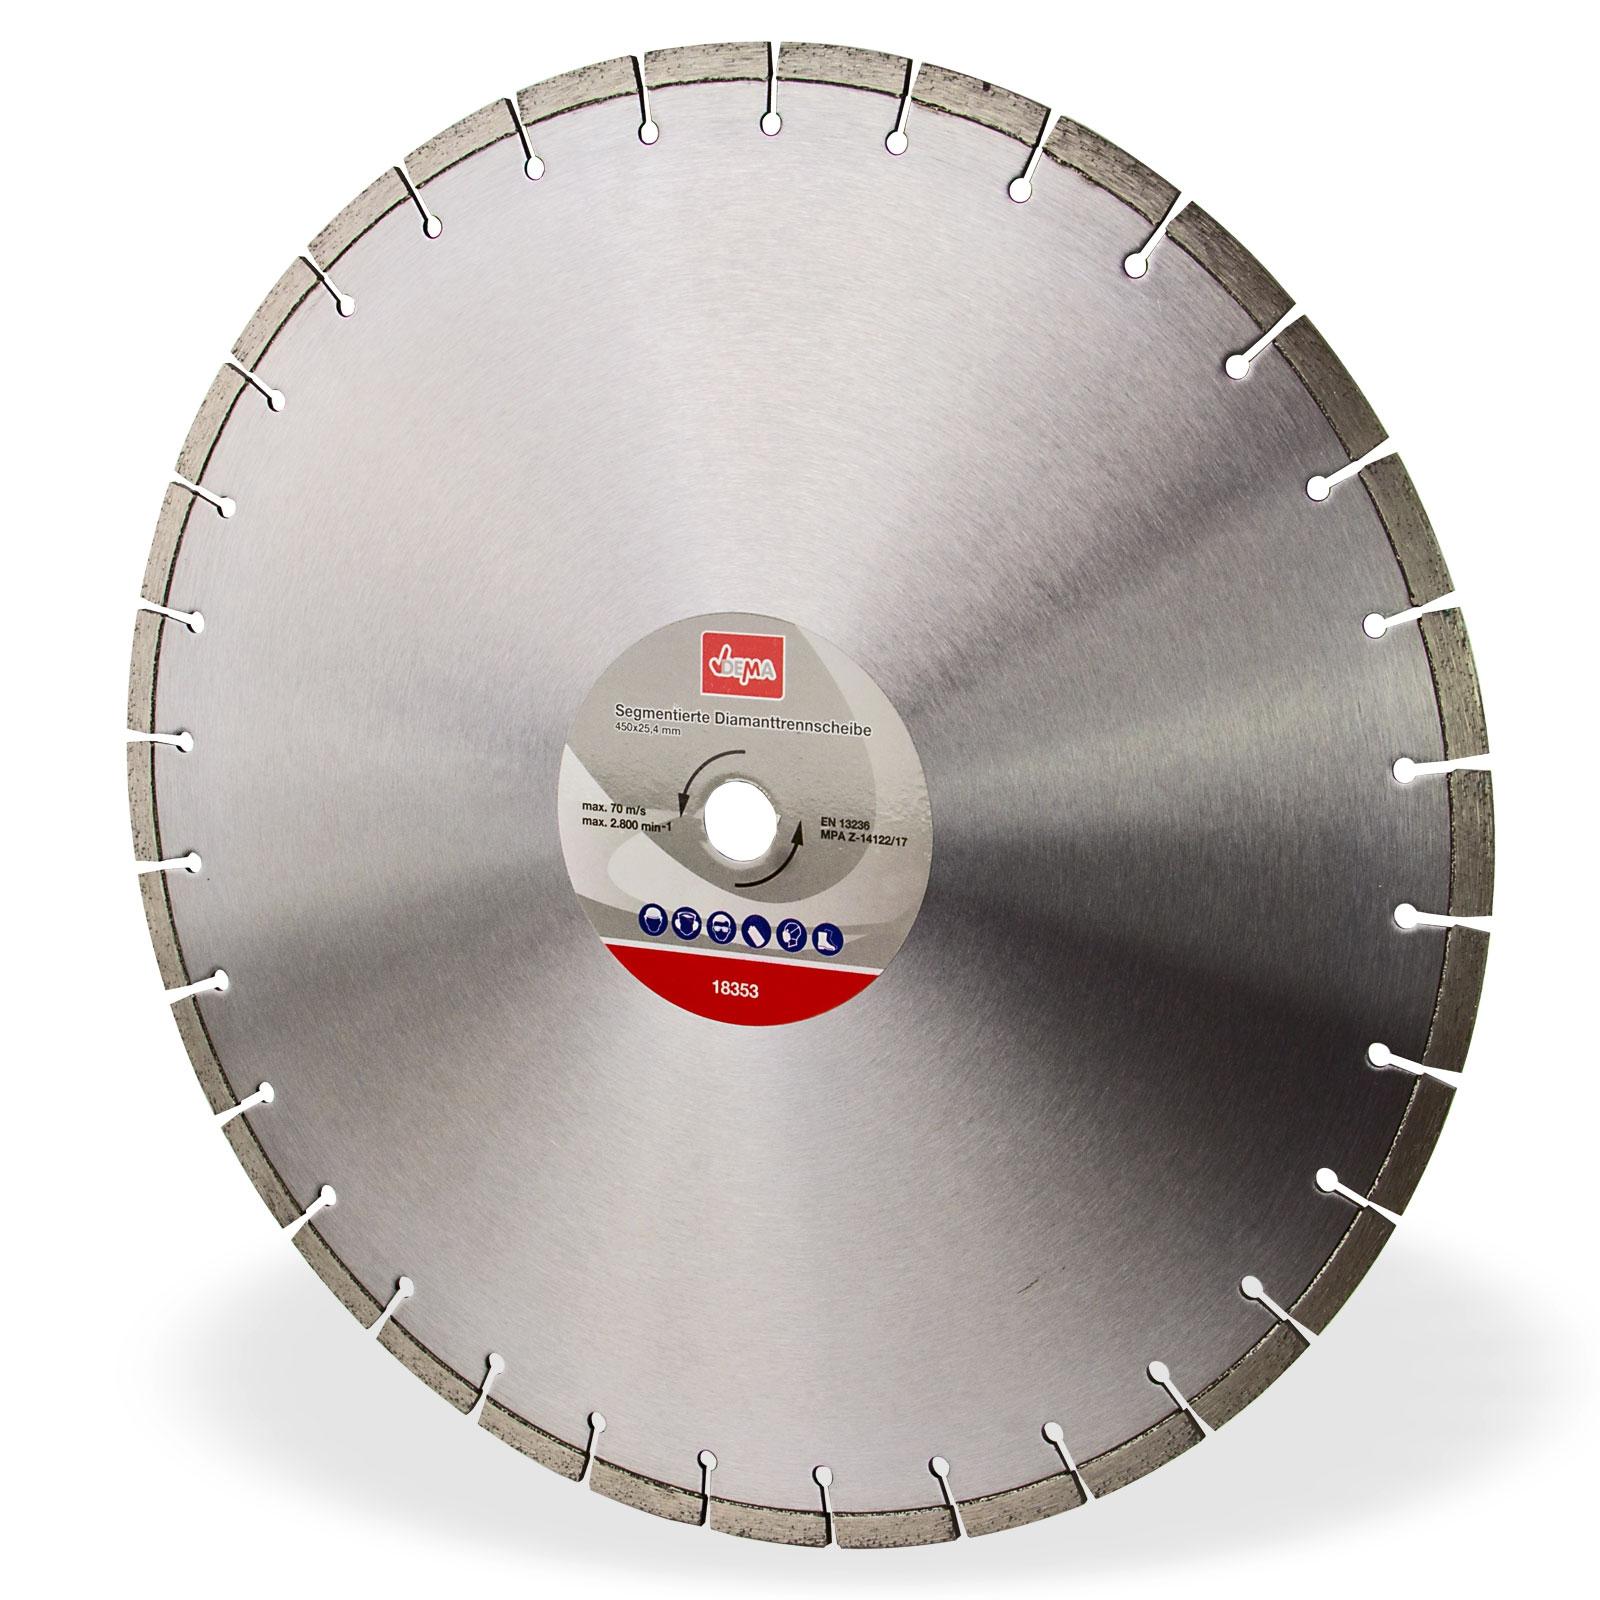 Dema Segmentierte Diamanttrennscheibe 450x25,4 mm Trennscheibe Diamant Beton Granit 18353